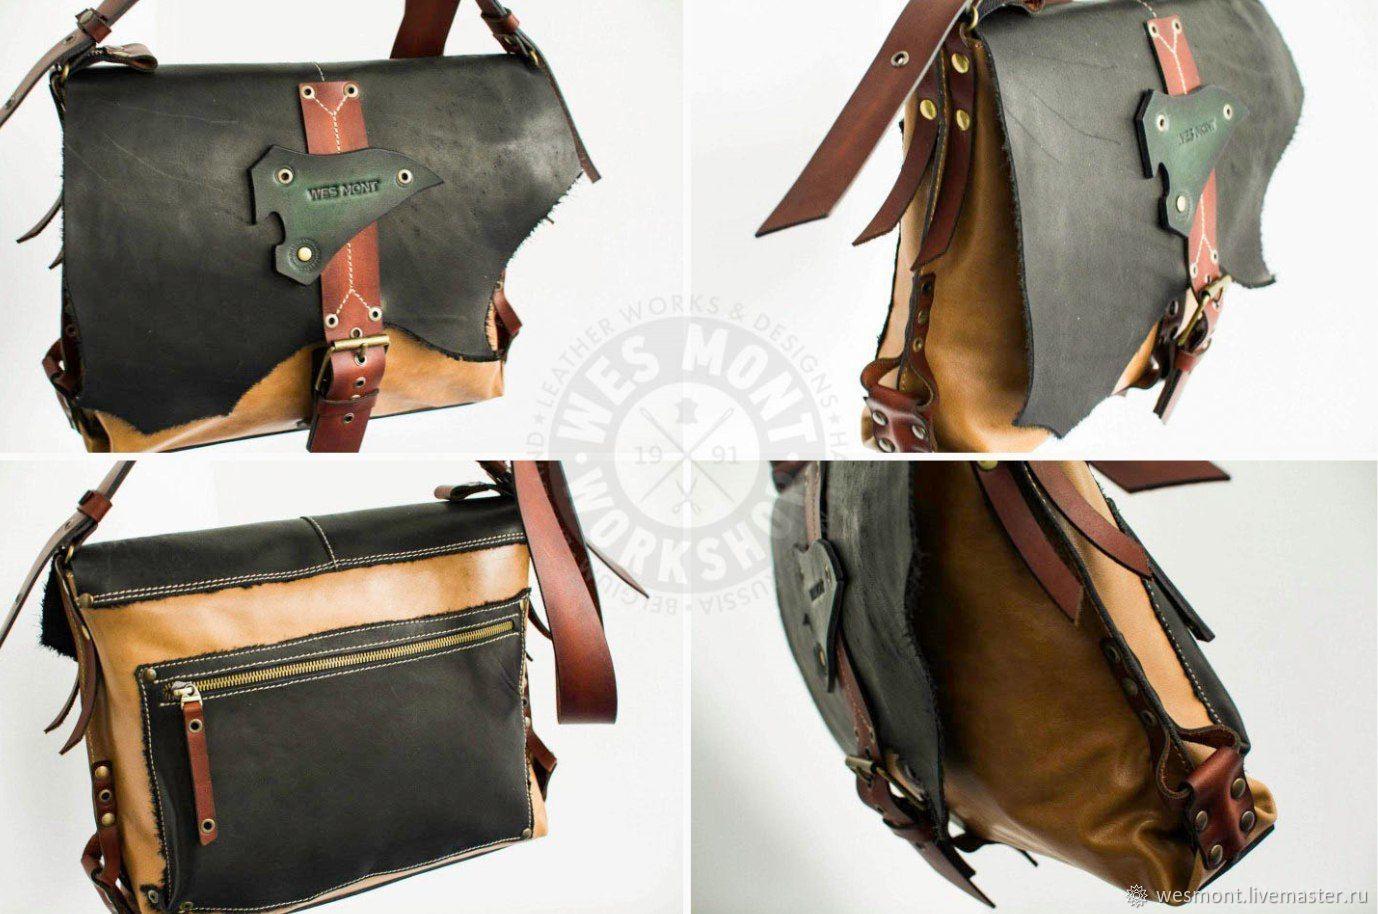 1c9860310a8b Мужские сумки ручной работы. Сумка кожаная универсальная ГАУЧО-4  Эксклюзивная, авторская работа.